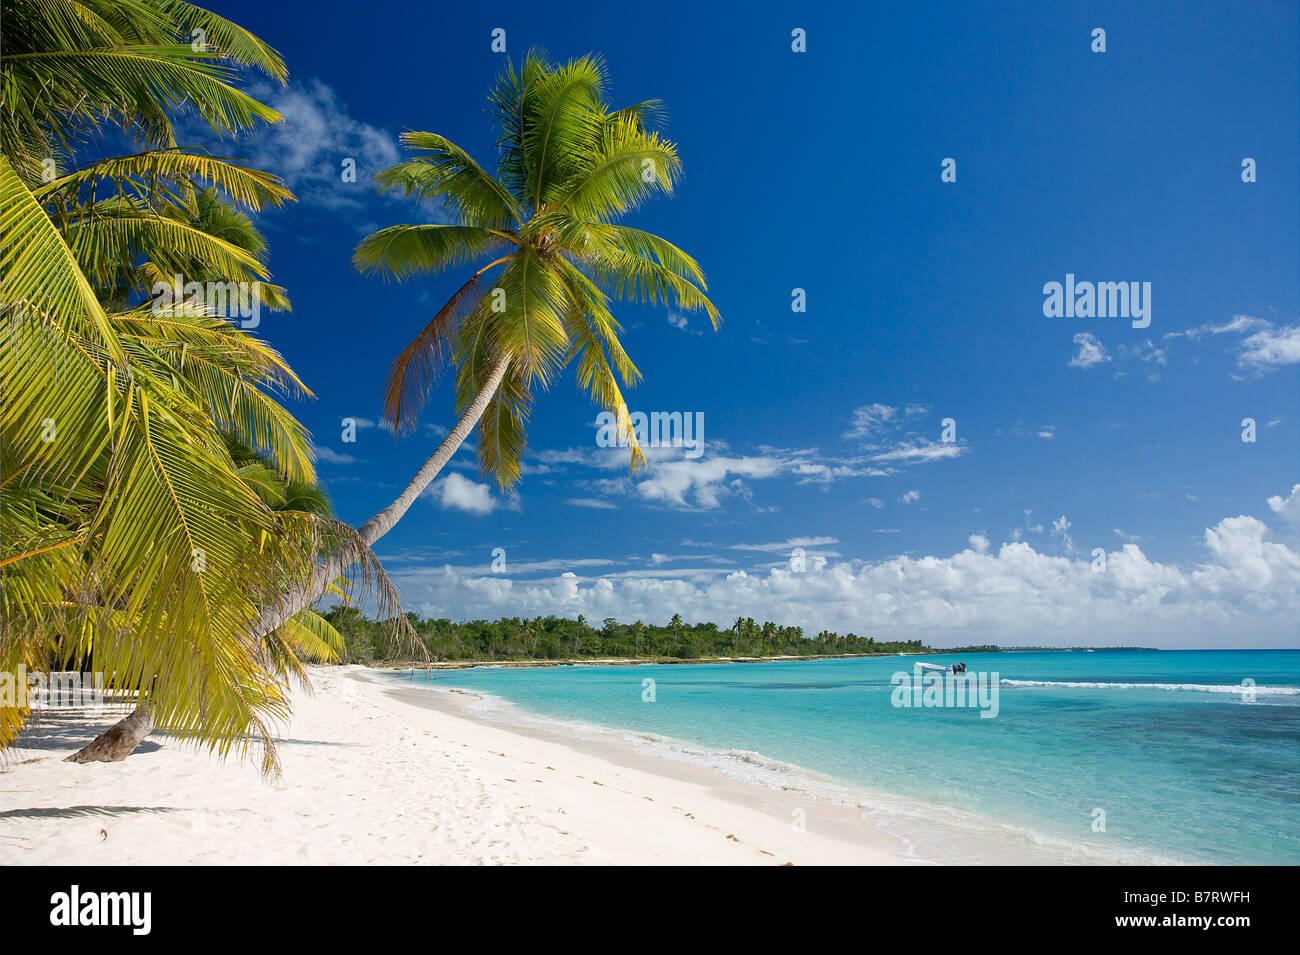 Plage sur l'île de Saona NATIONAL Parque del Este RÉPUBLIQUE DOMINICAINE CARAÏBES Photo Stock